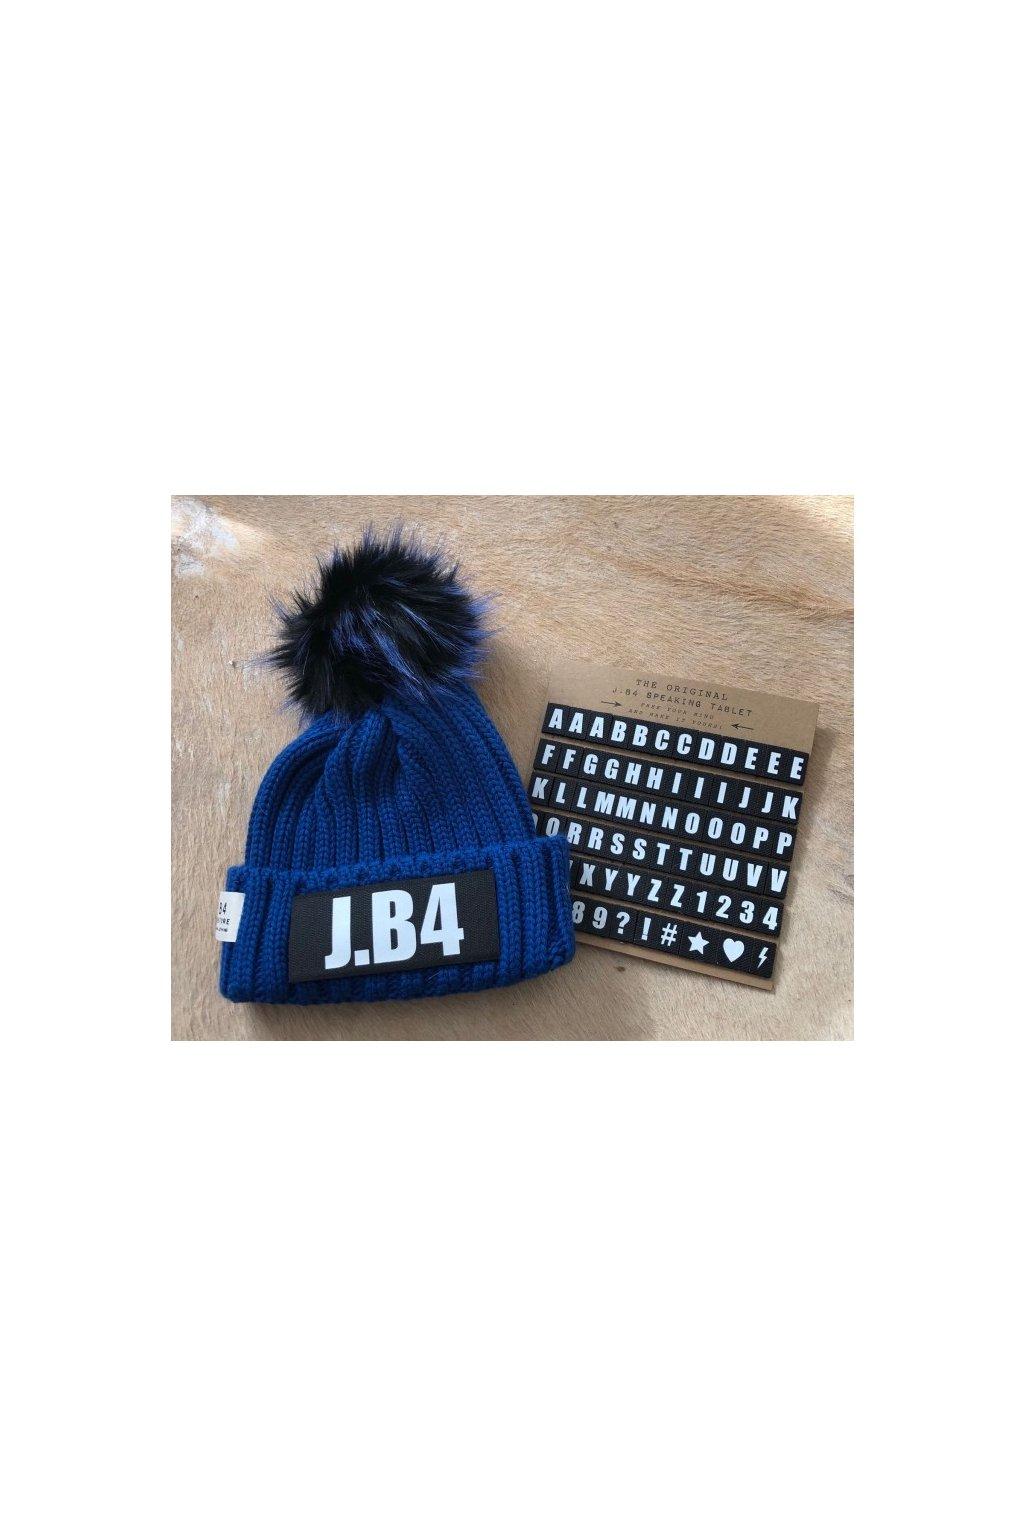 Čepice J.B4 - personalizovaná s bambulí, tmavě modrá (Velikost Velikost UNI)